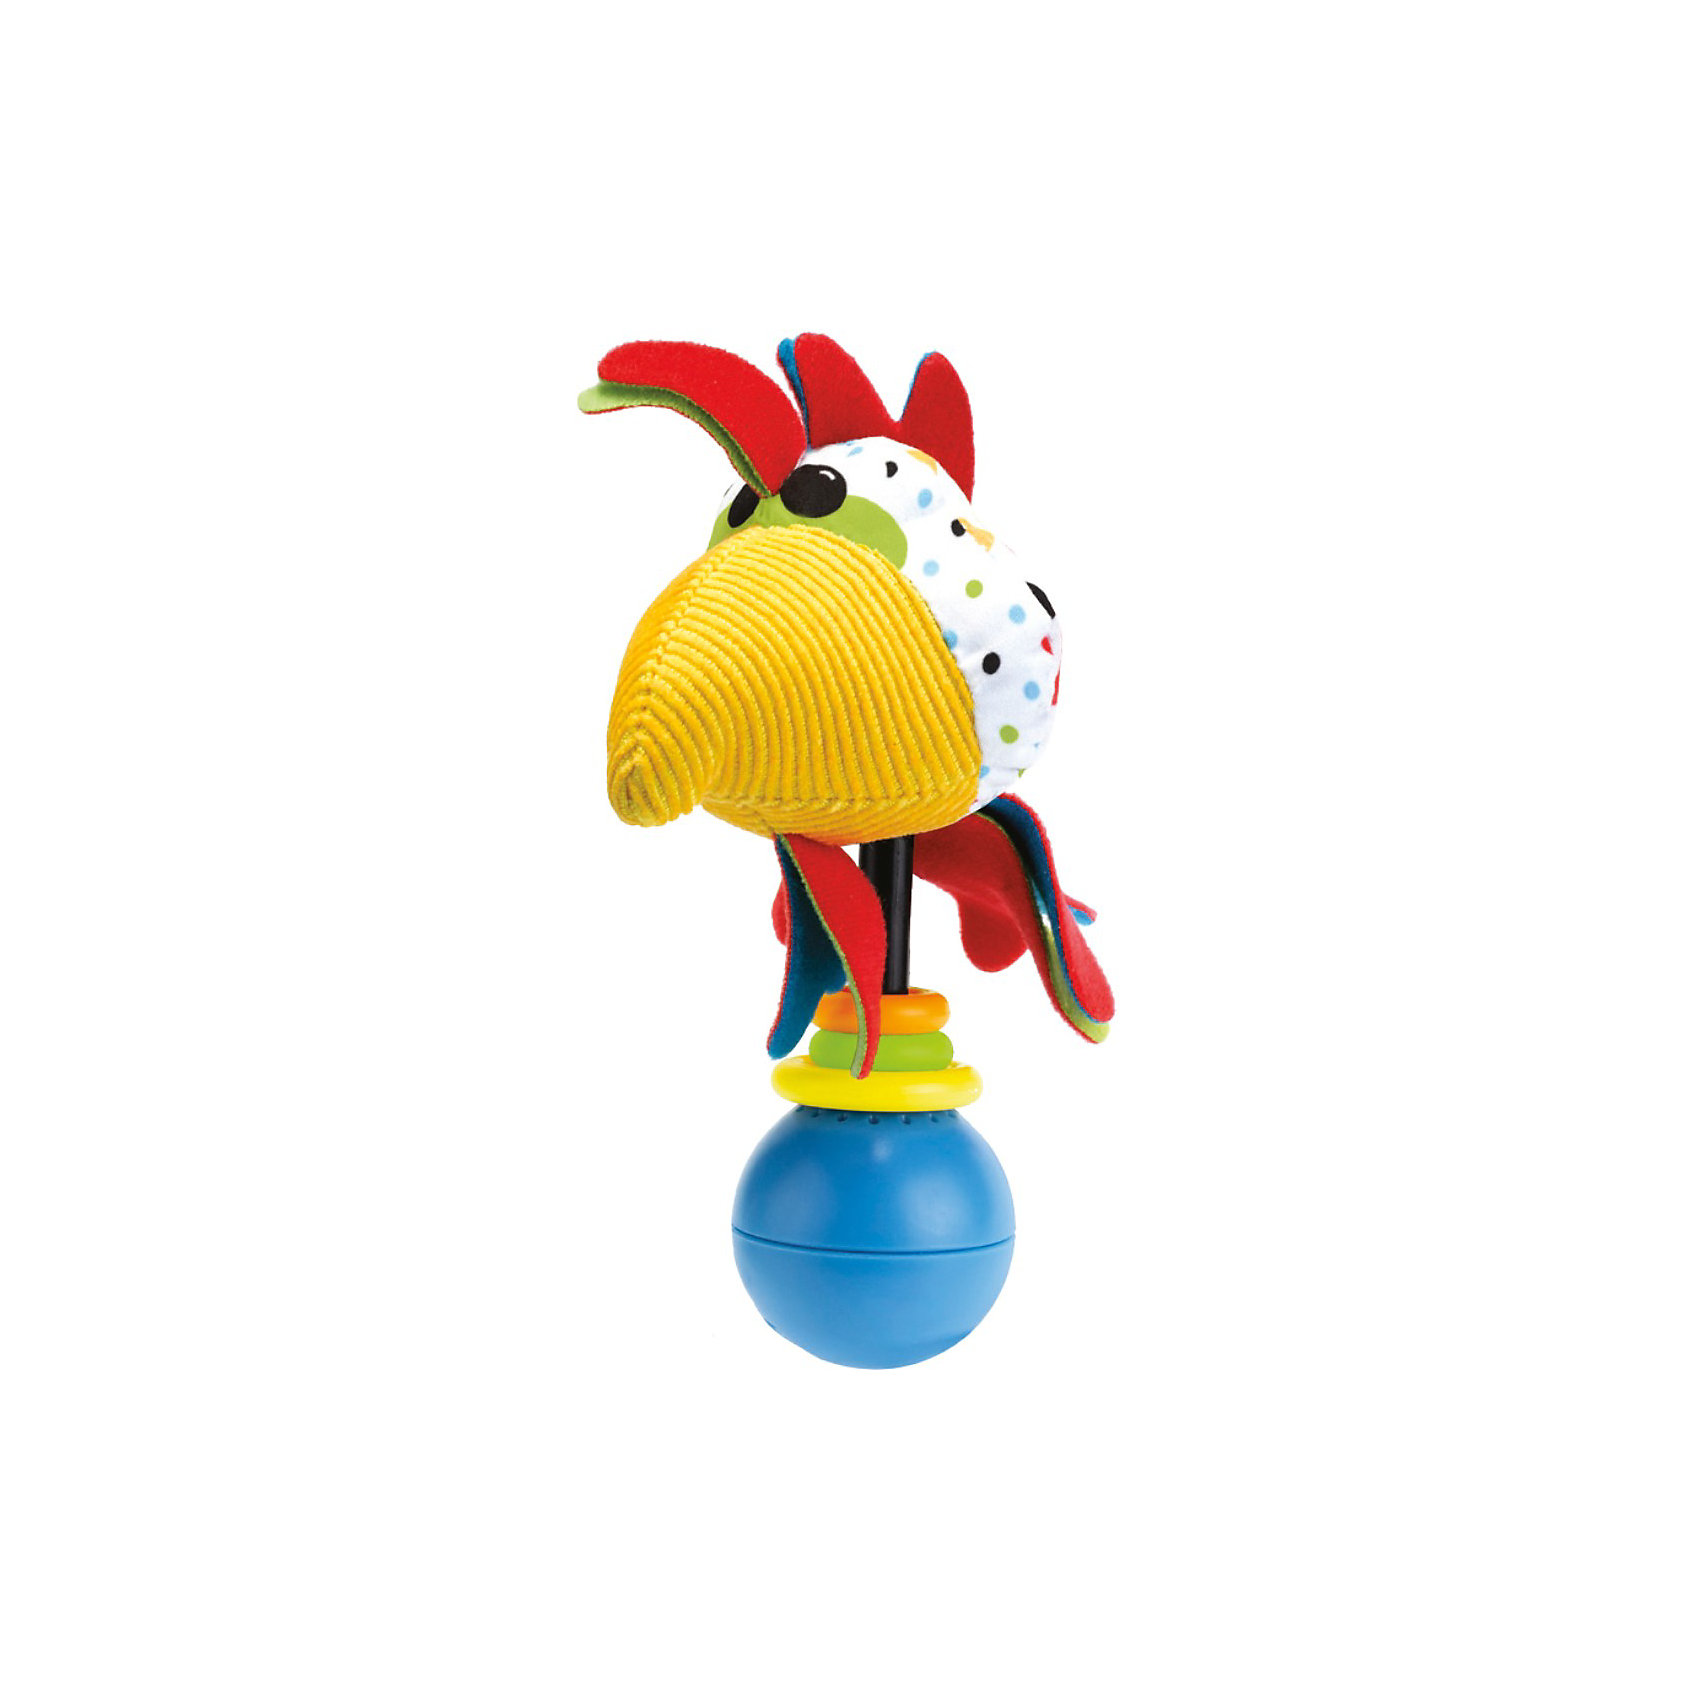 Погремушка Петушок,  YookidooПогремушки<br>Яркая и забавная погремушка в виде смешного Петушка не оставит равнодушным ни ребенка, ни взрослого. Погремушка оснащена звуковыми эффектами, которые включаются, когда ребенок ее встряхивает. В комплект к погремушке входит большое пластиковое кольцо, благодаря которому, ее можно подвесить в коляску или кроватку. Погремушка Петушок улучшит хватательные навыки малыша, укрепит мускулатуру детских рук, улучшит зрительное и слуховое восприятие, а также подарит хорошее настроение.<br><br>Дополнительная информация:<br><br>- Комплектация: погремушка, пластиковое кольцо для подвешивания.<br>- Материал: пластик, текстиль.<br>- Цвет: красный, голубой, белый, желтый.<br>- Размер упаковки: 5 x 16 x 19 см.<br>- Звуковые эффекты: есть.<br>- Элемент питания: батарейки 3хLR44 (входят в комплект).<br><br>Погремушку Петушок,  Yookidoo можно купить в нашем магазине.<br><br>Ширина мм: 195<br>Глубина мм: 50<br>Высота мм: 165<br>Вес г: 64<br>Возраст от месяцев: 0<br>Возраст до месяцев: 12<br>Пол: Унисекс<br>Возраст: Детский<br>SKU: 3908344